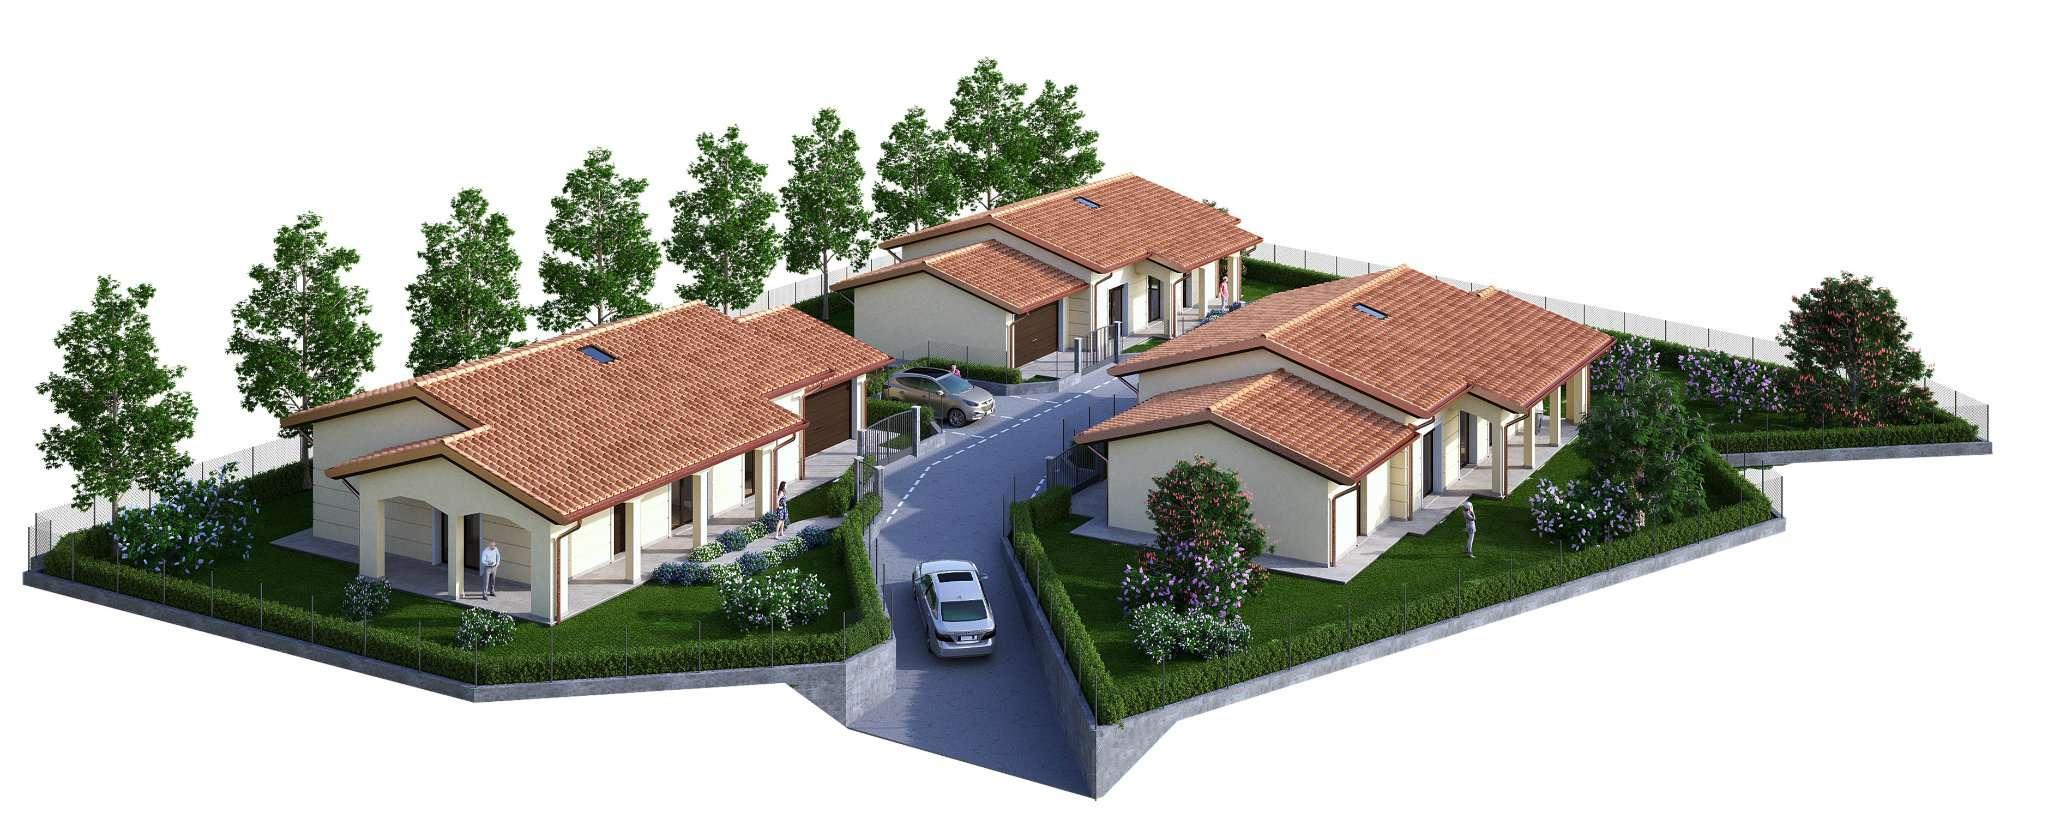 Villa quadrilocale in vendita a Rogeno (LC)